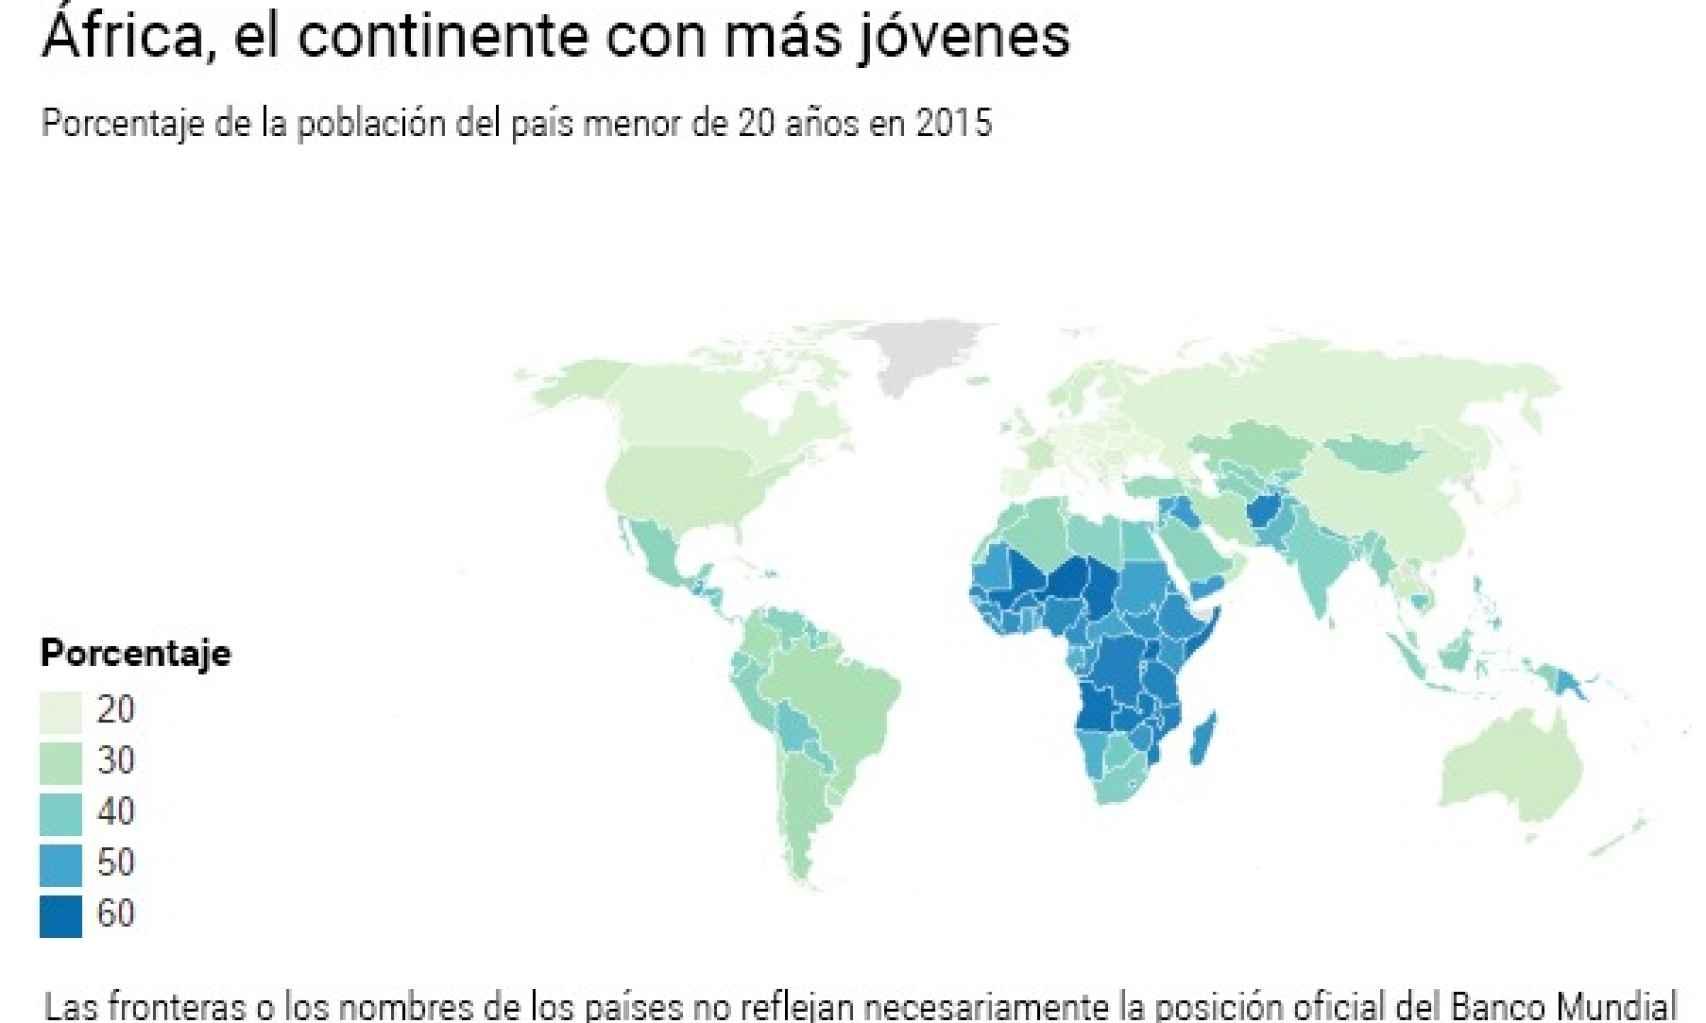 África es el continente con la población más joven del planeta.